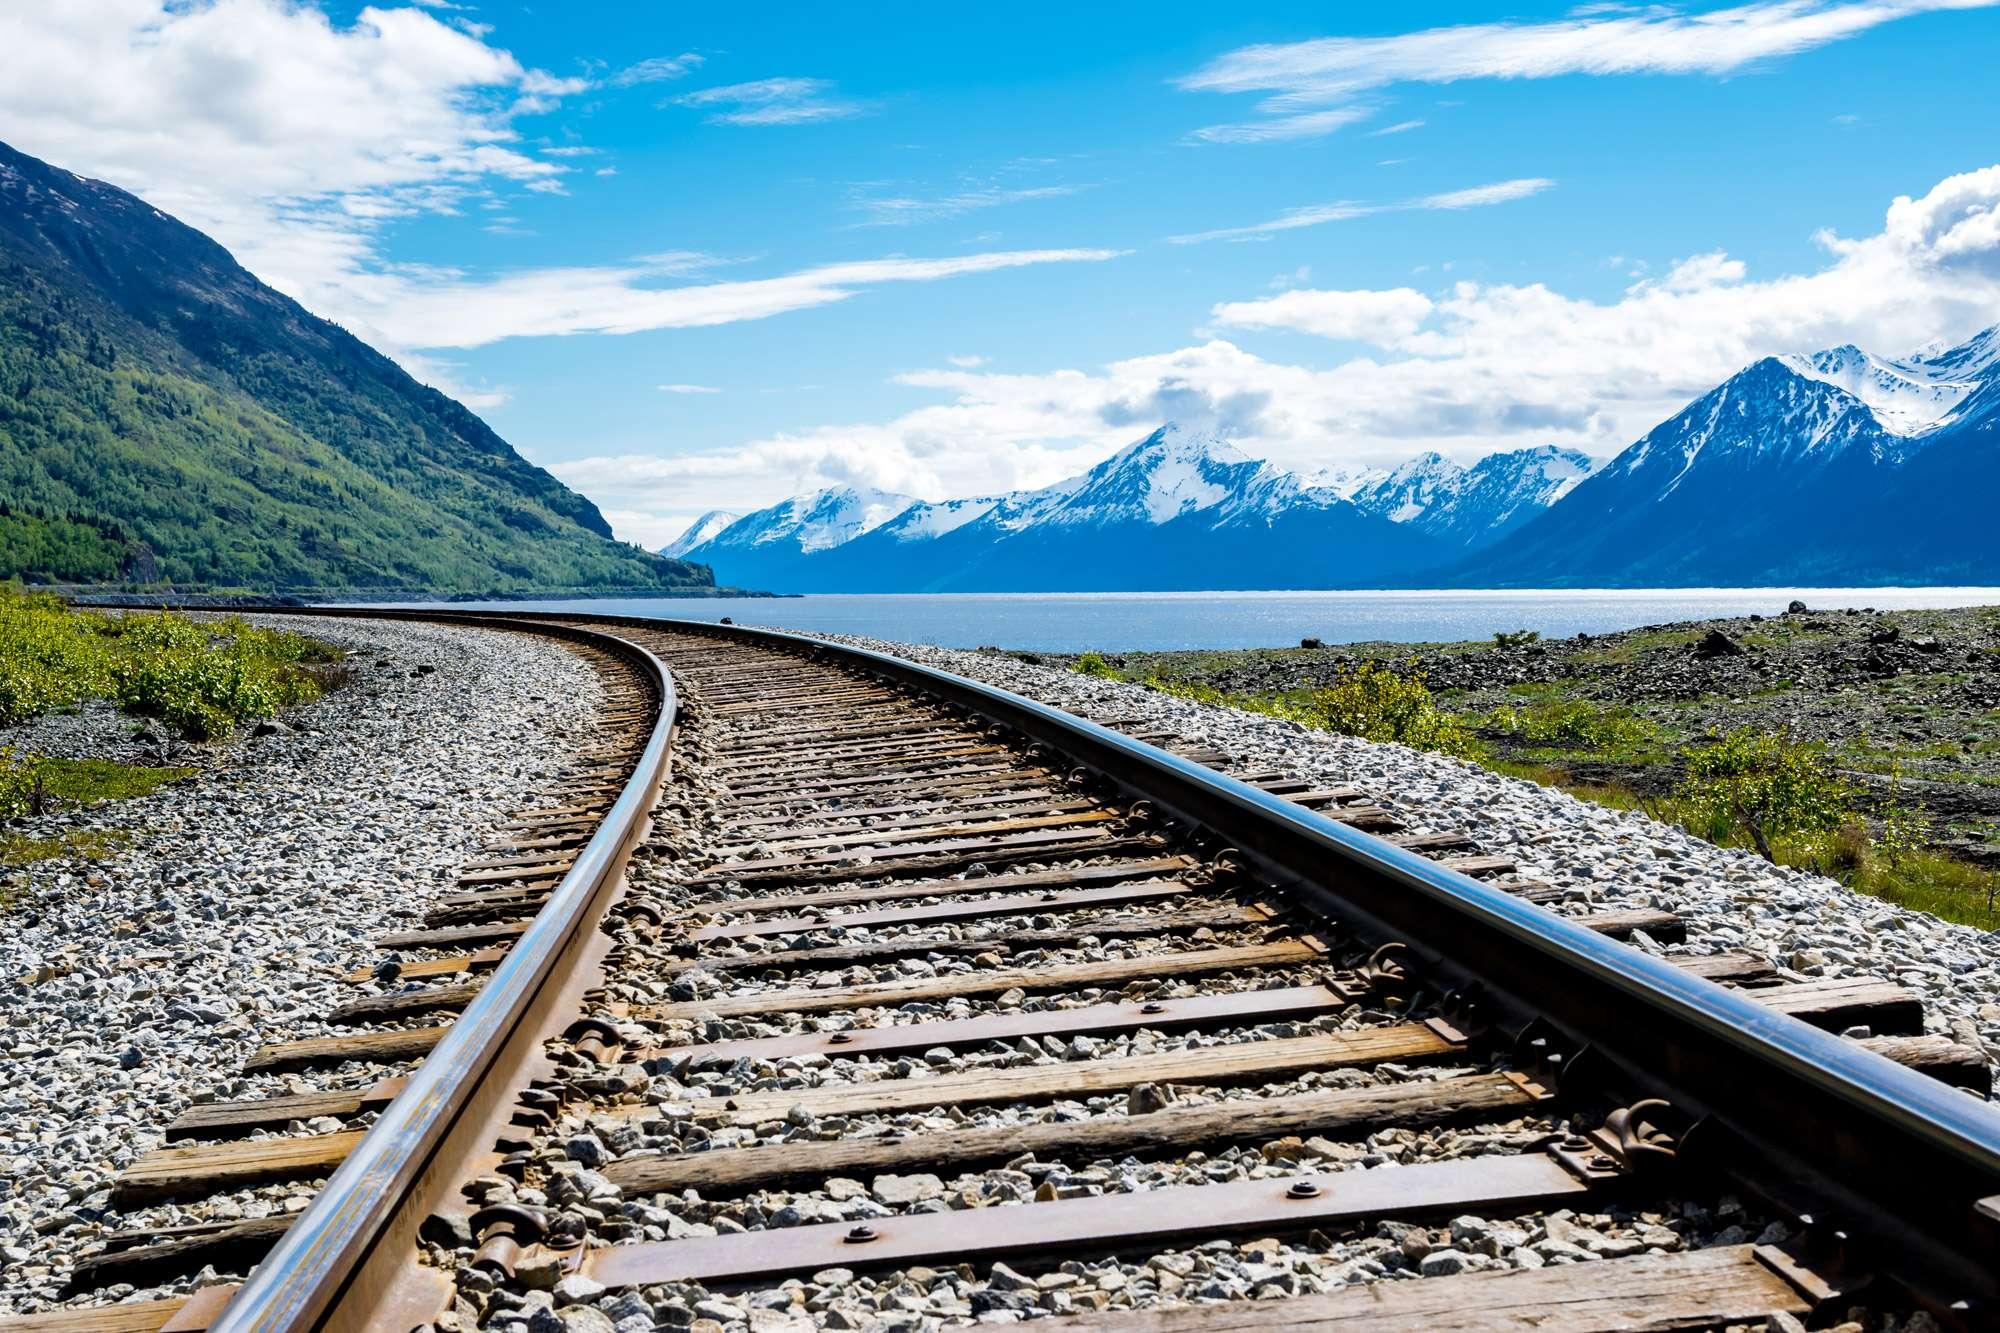 alaska-train-track-alongside-mountain-lake-istk